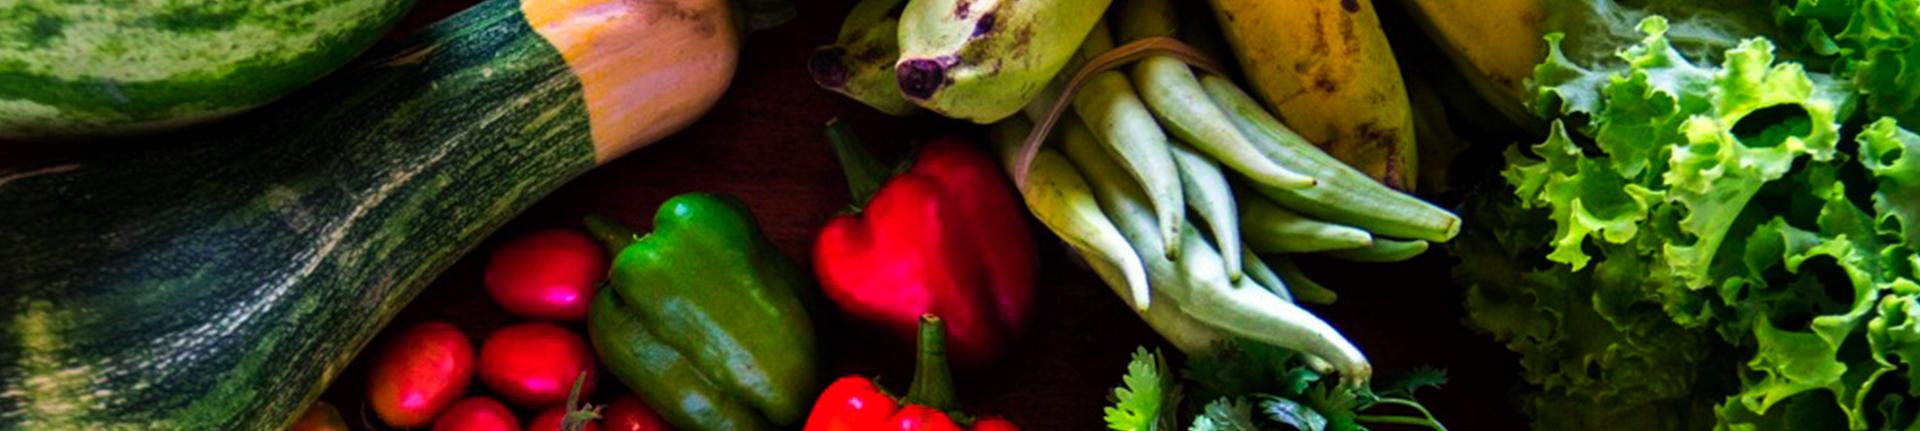 Agrofloresta Sintrópica ensina a plantar comida sem destruir Natureza